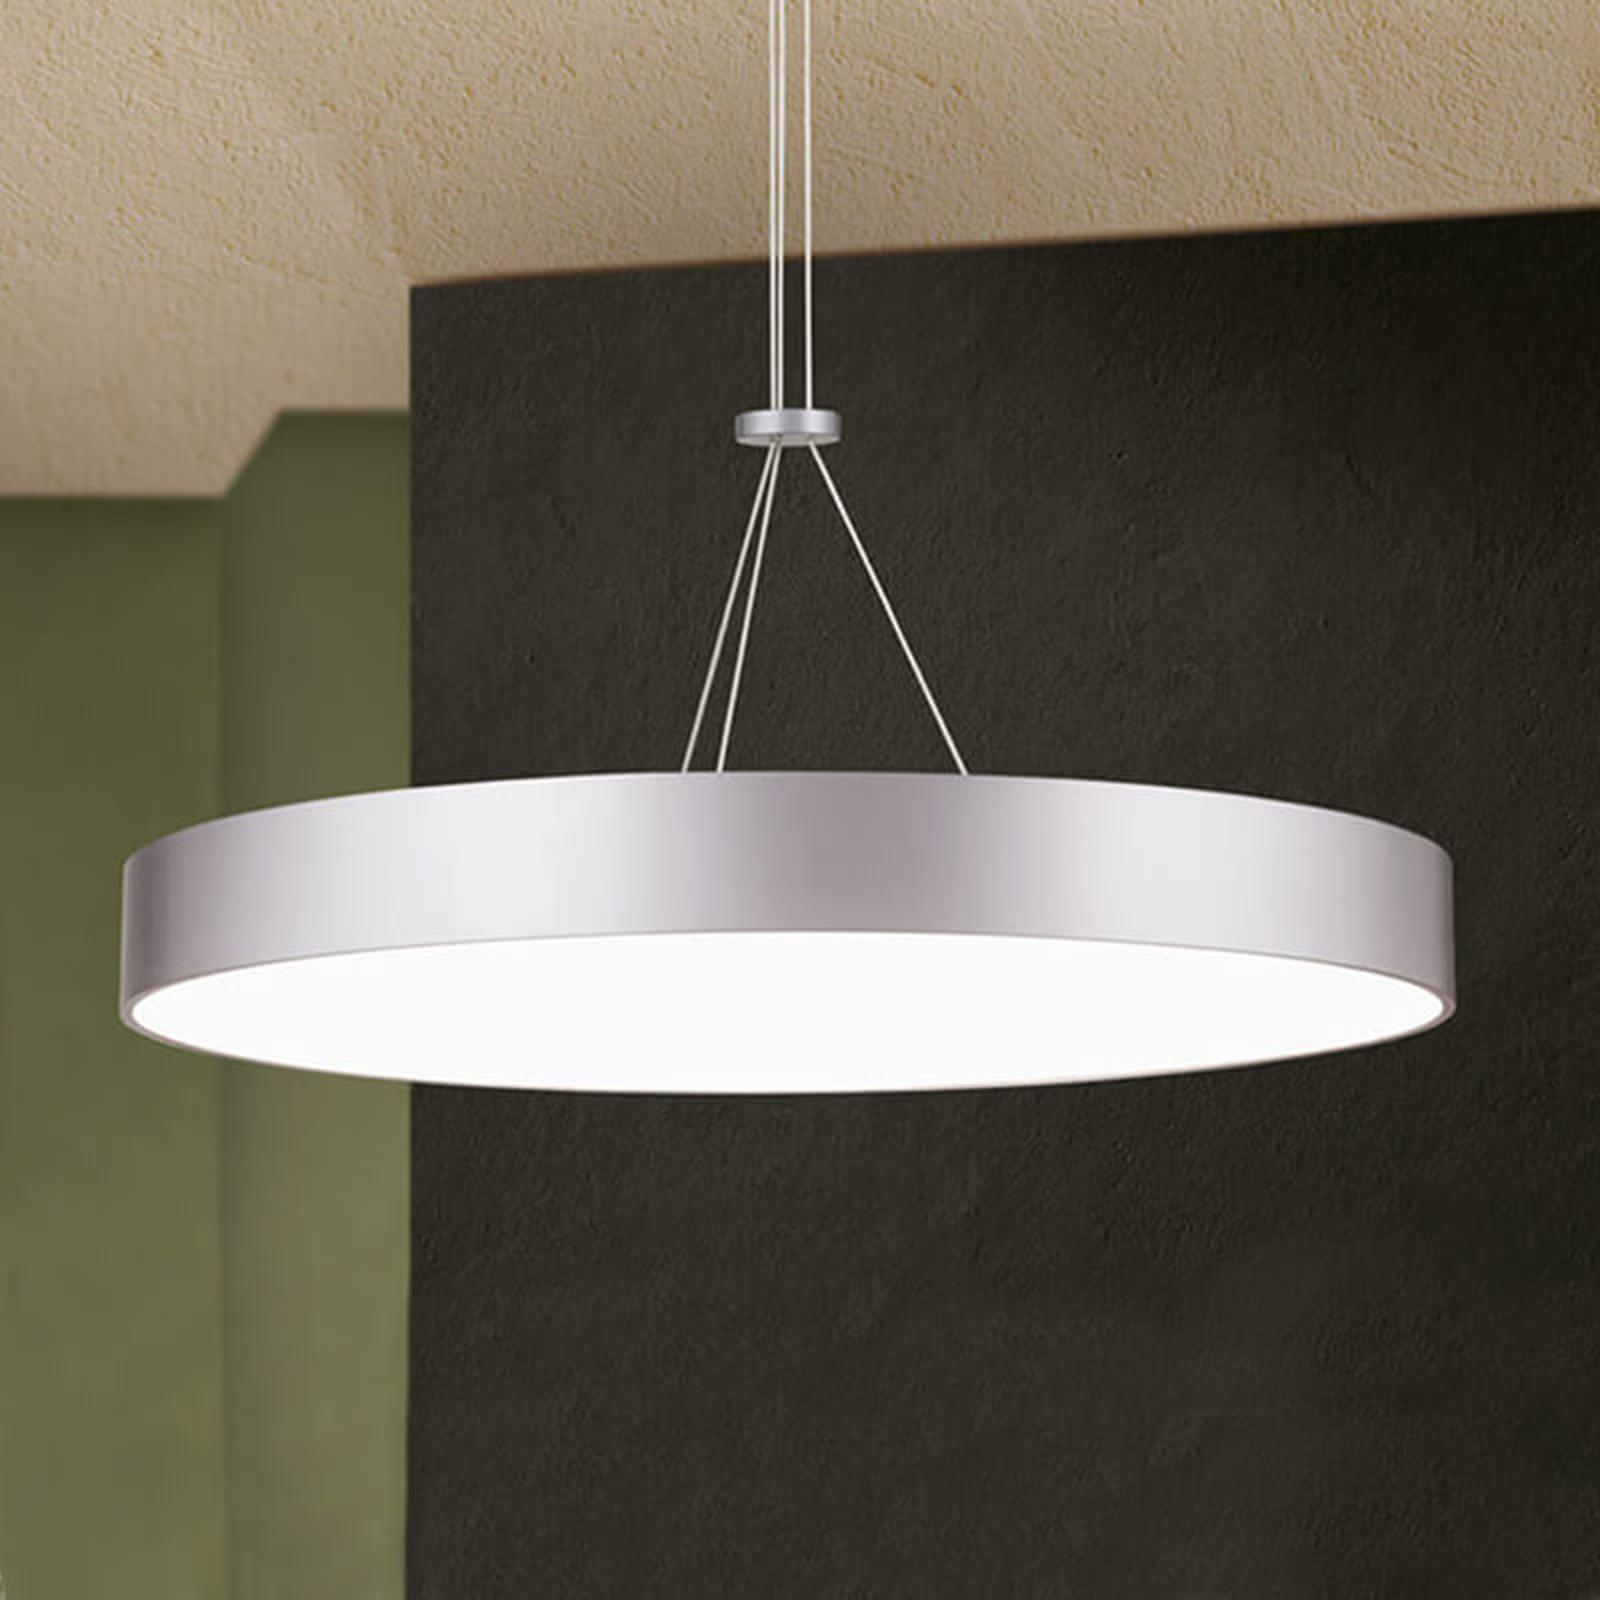 Kulaté LED závěsné světlo Egilo - stmívatelné